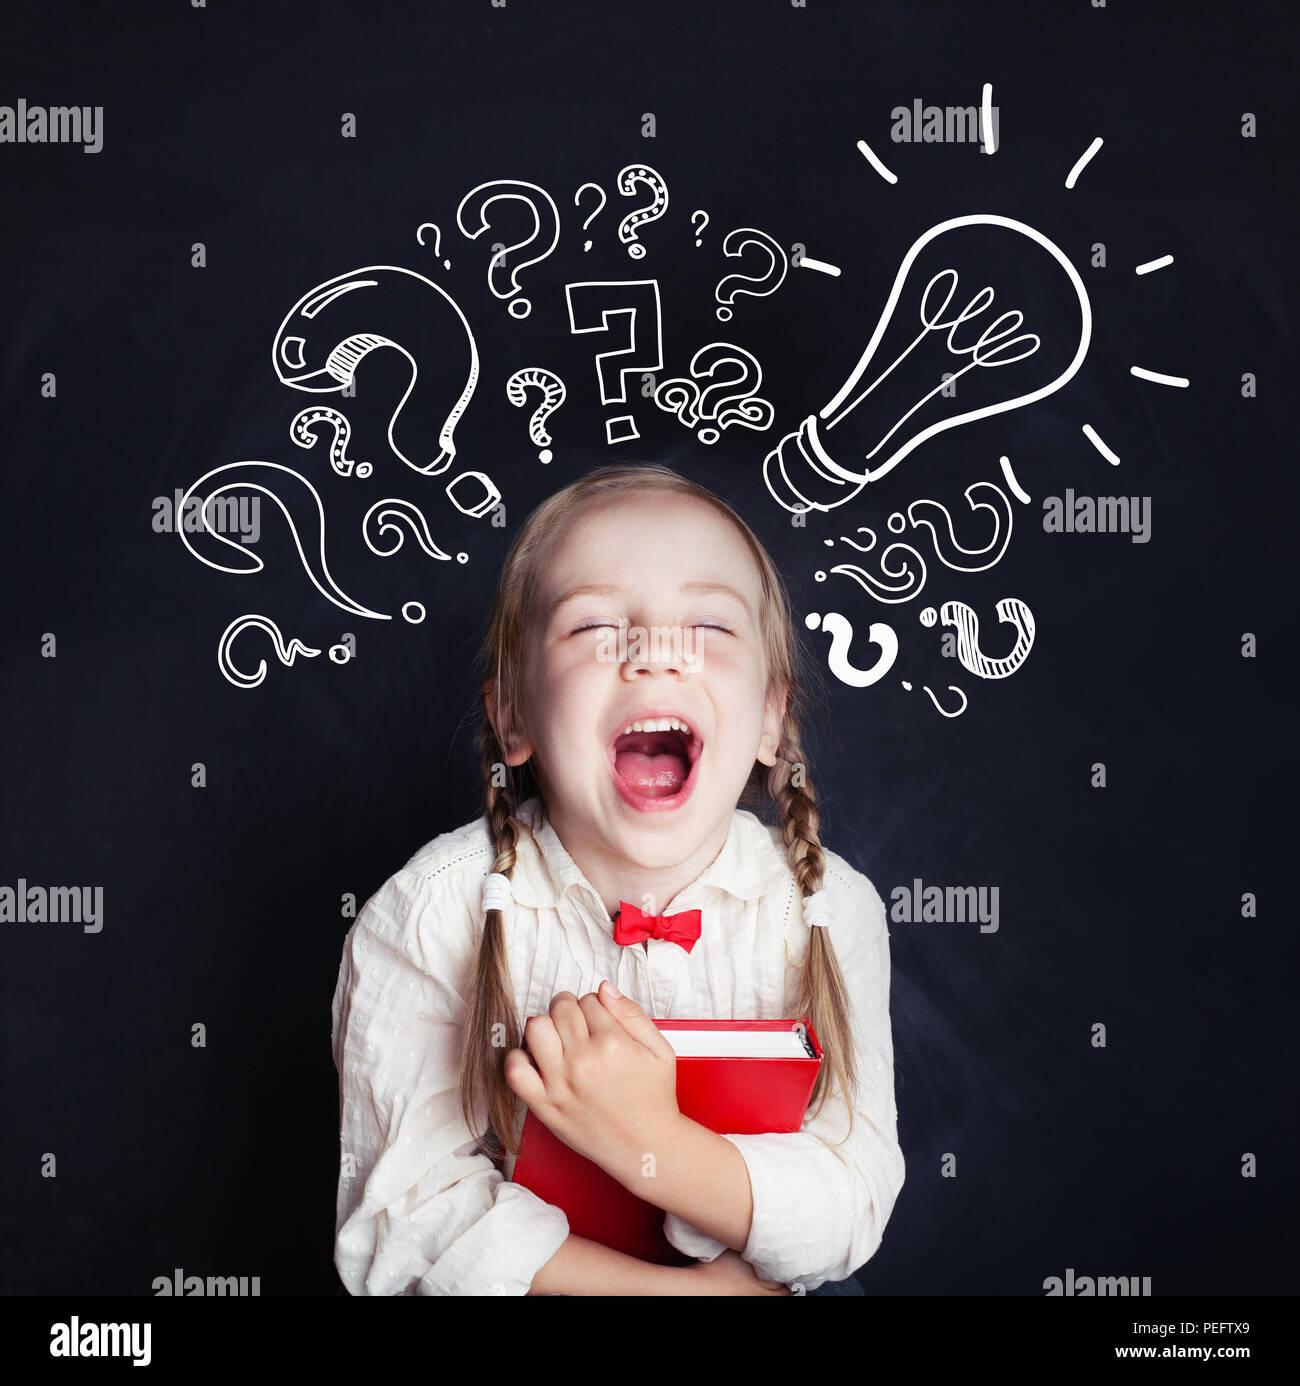 Little Genius ritratto. Istruzione per bambini e idee concetto. Bambina con lampadina e i punti interrogativi Immagini Stock